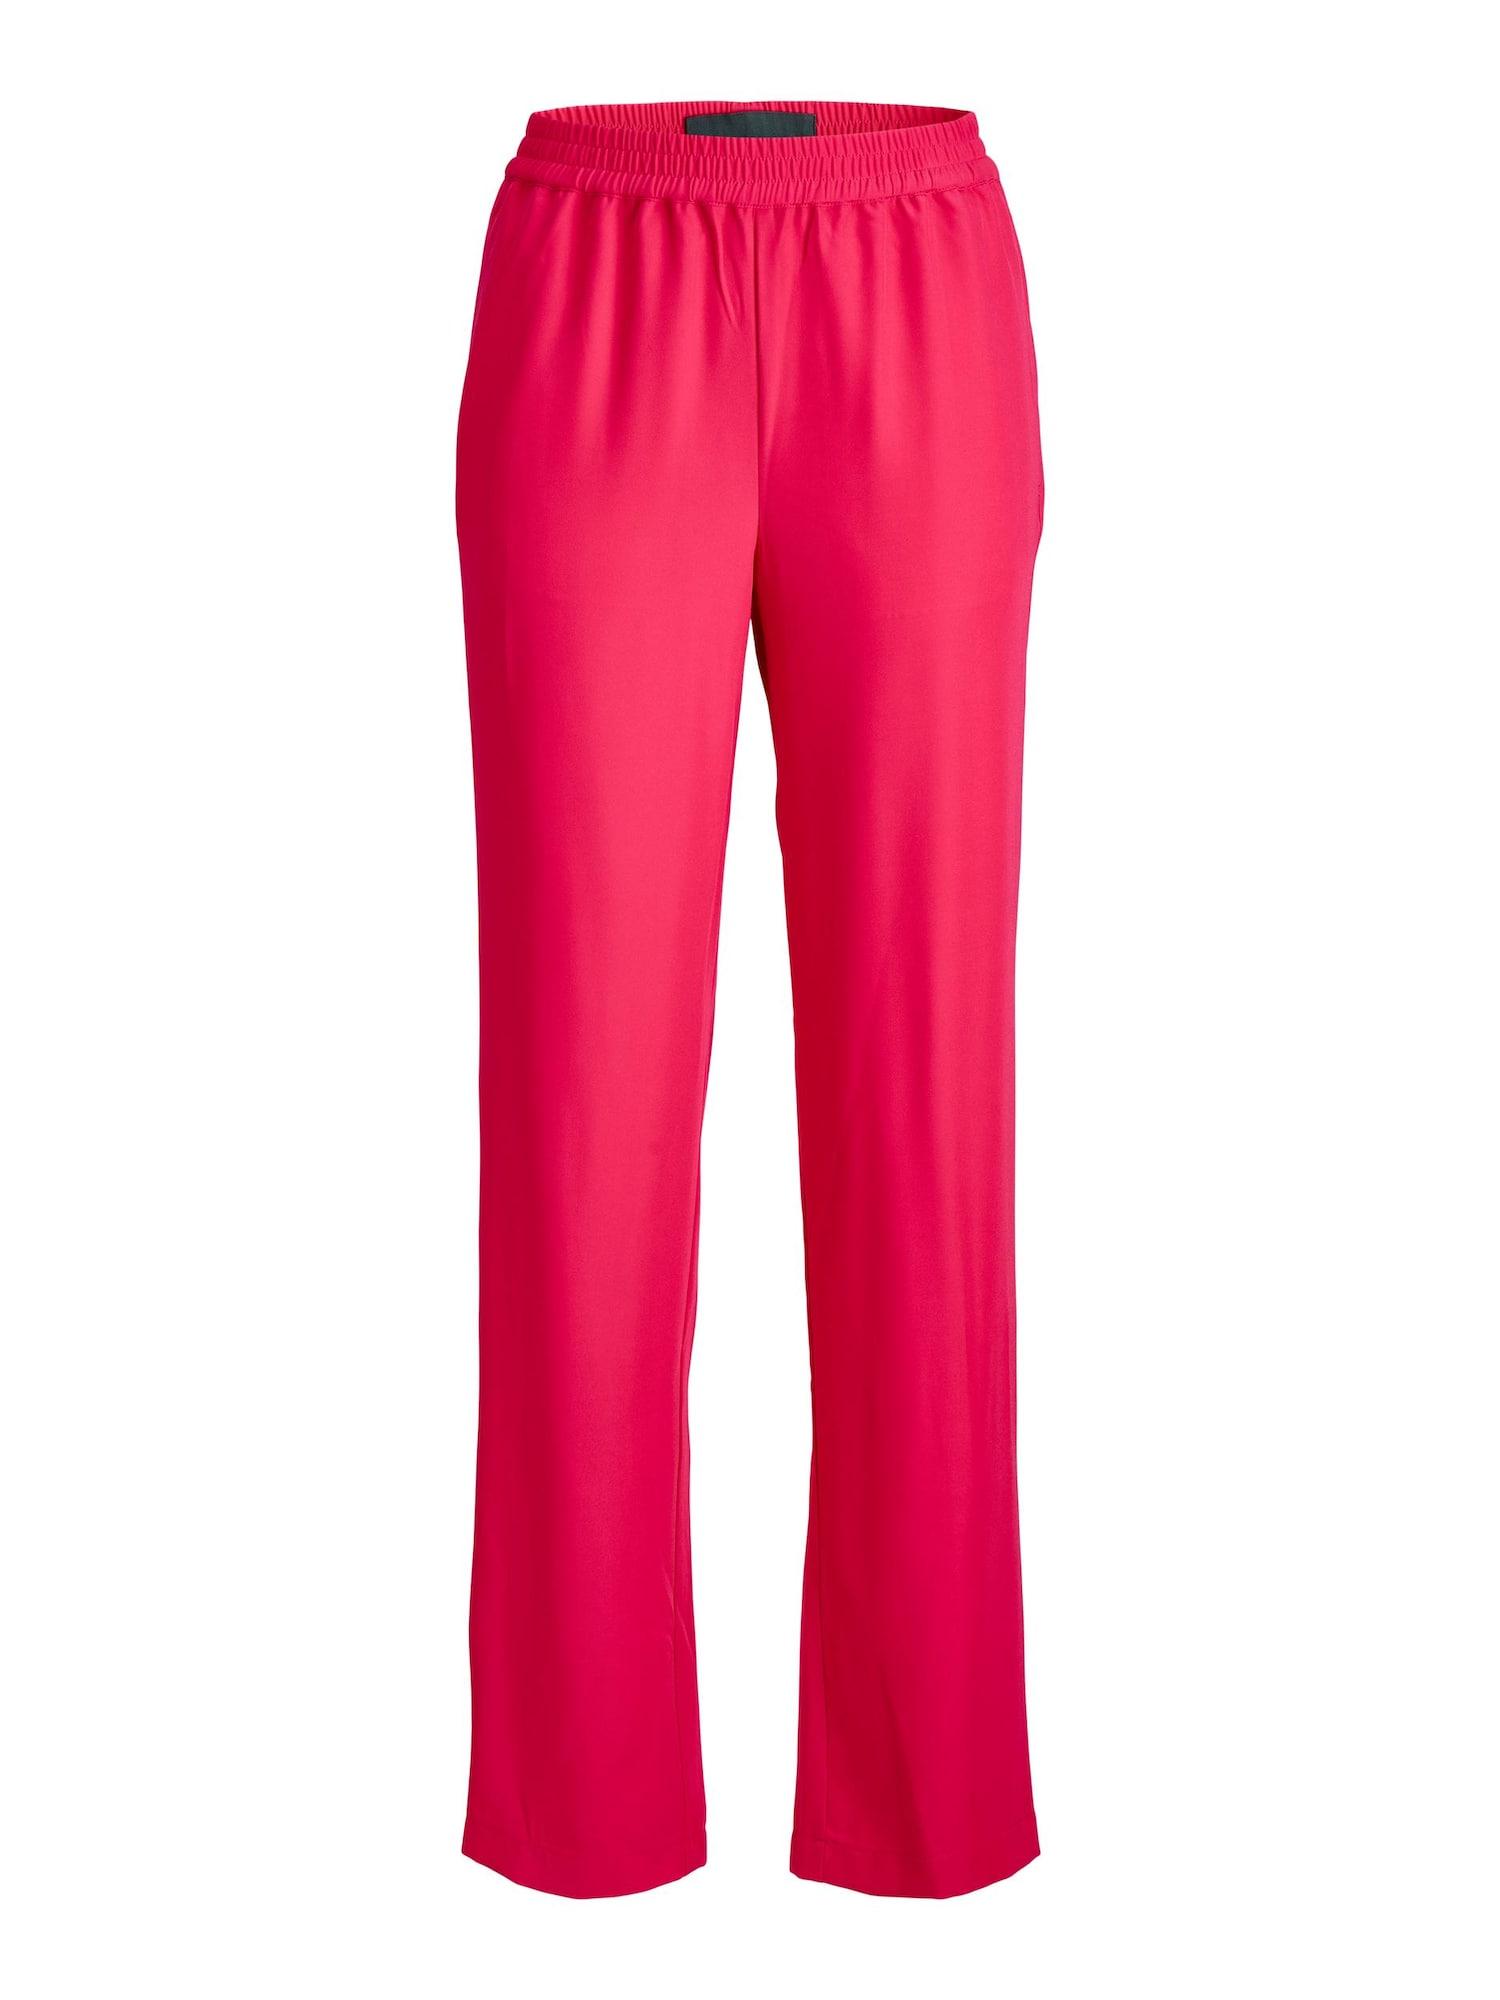 JJXX Kalhoty 'JXPOPPY'  pink